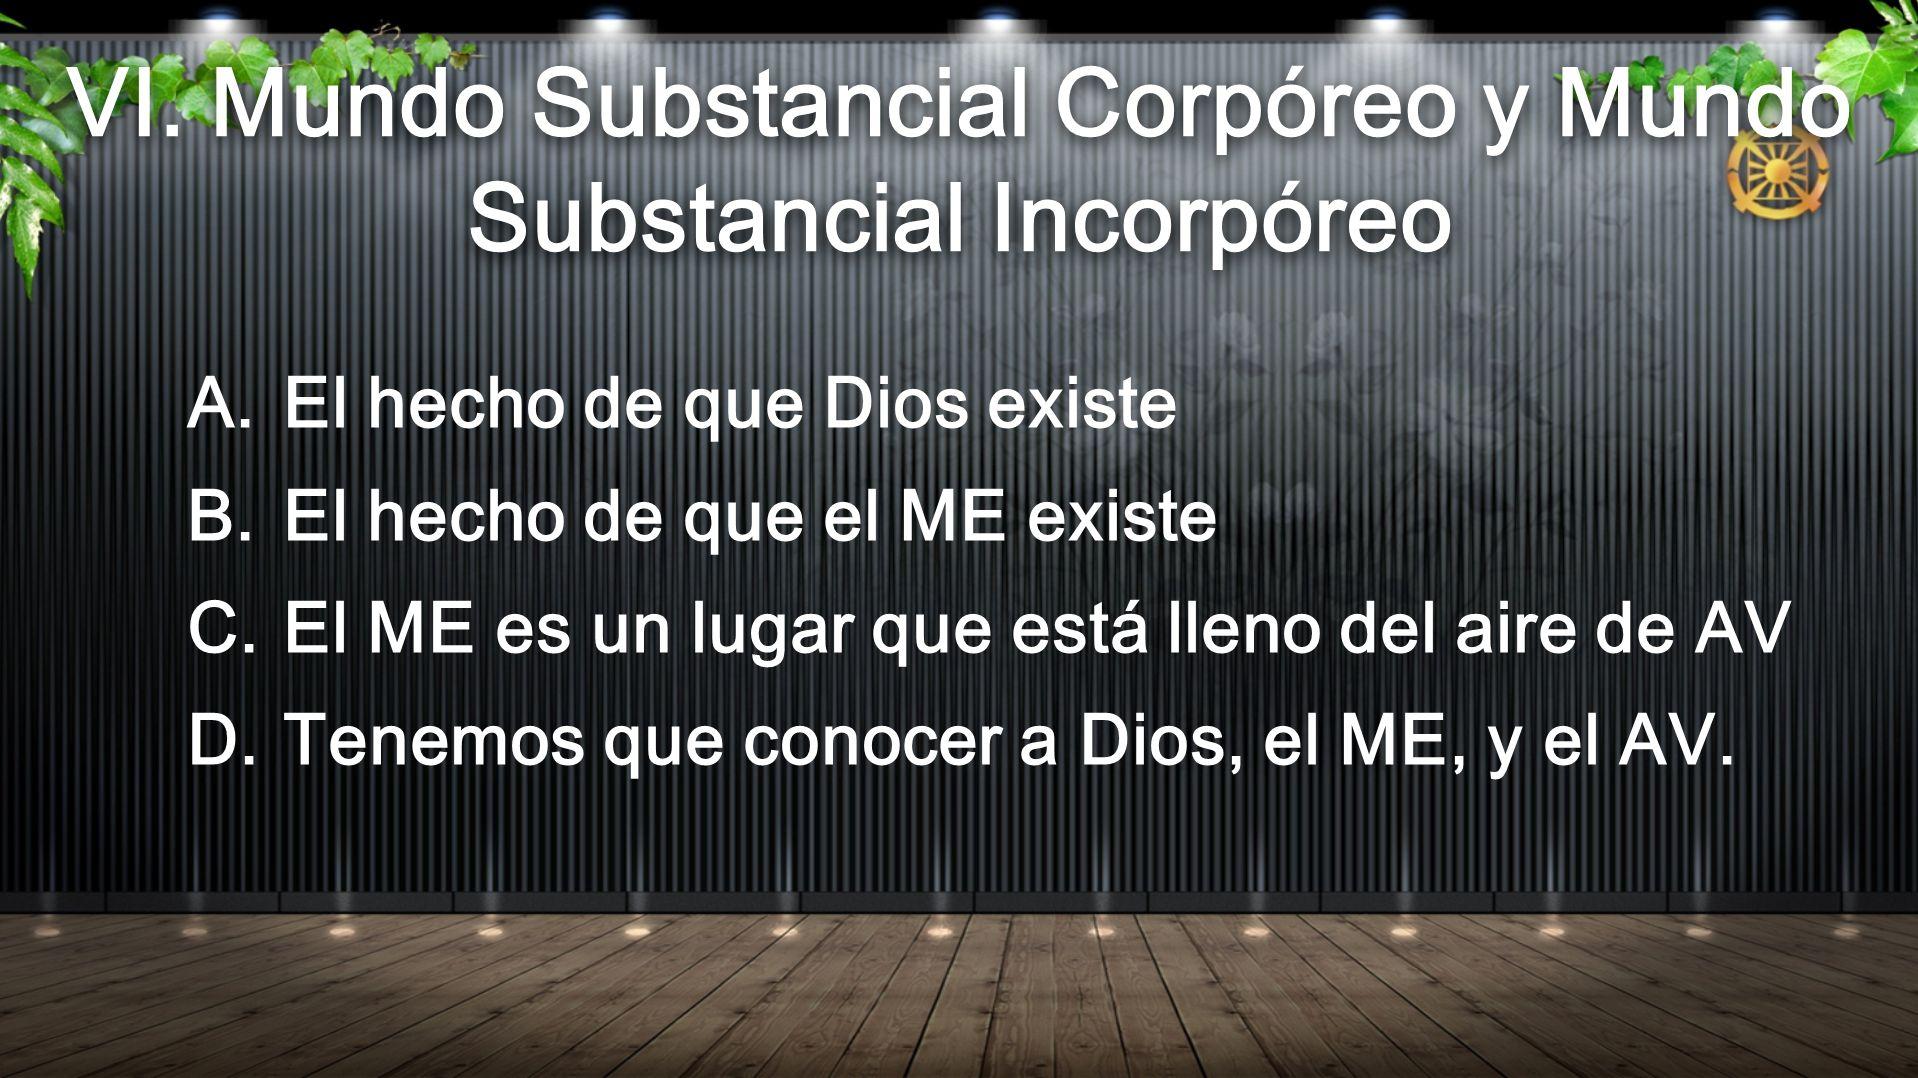 A.El hecho de que Dios existe B.El hecho de que el ME existe C.El ME es un lugar que está lleno del aire de AV D.Tenemos que conocer a Dios, el ME, y el AV.